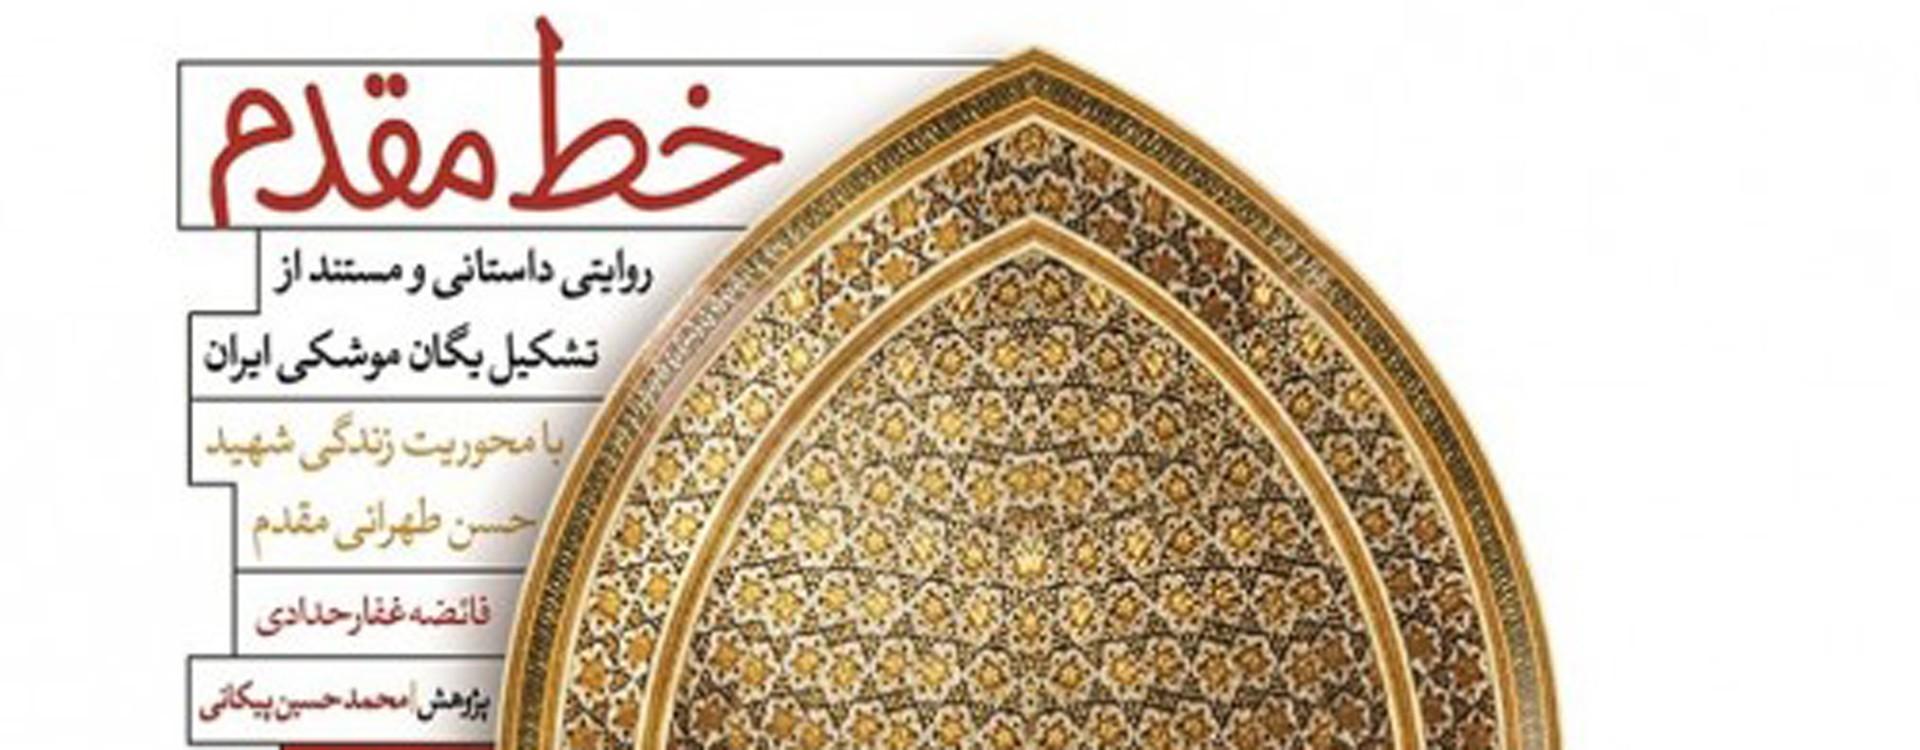 کتاب زندگی شهید طهرانیمقدم به چاپ ششم رسید